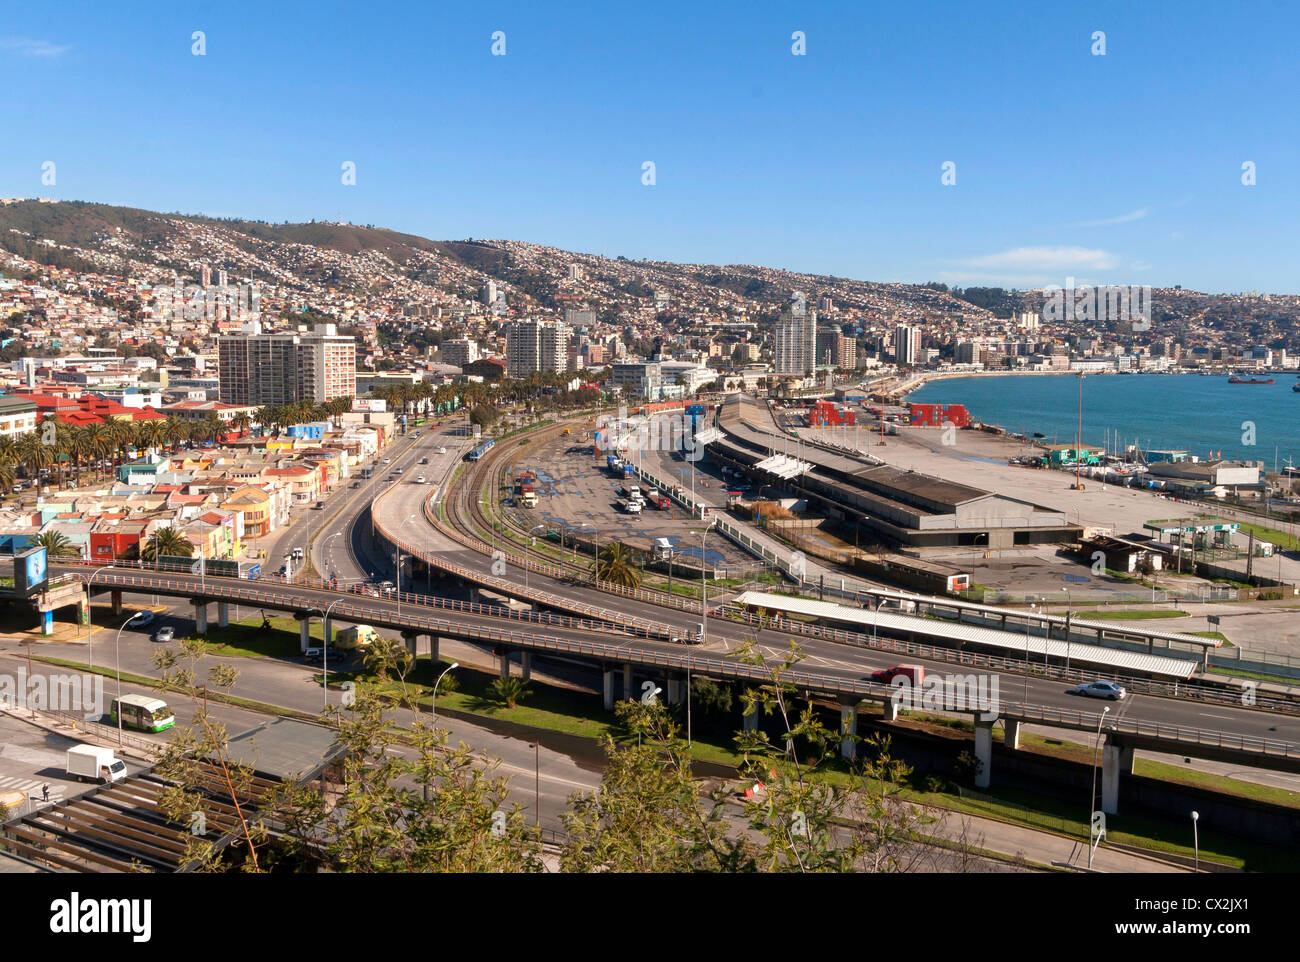 Vista di Valparaiso e le colline da ascensor Barone, autostrade a Vina del Mar nella parte anteriore Immagini Stock